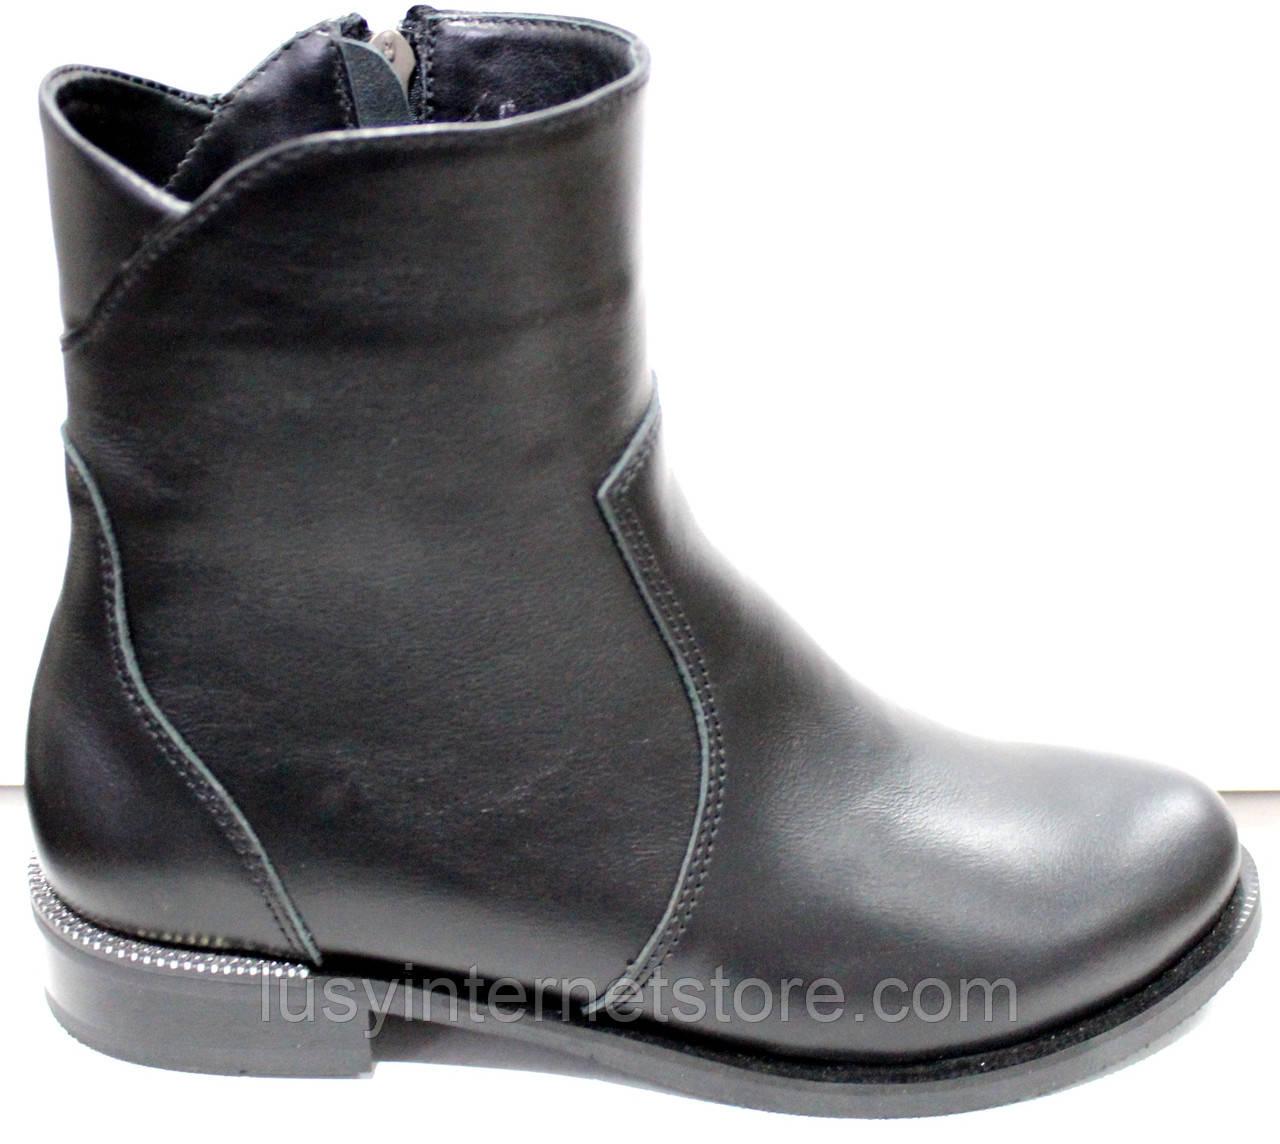 Ботинки женские черные демисезонные на низком каблуке от производителя модель РИ3001